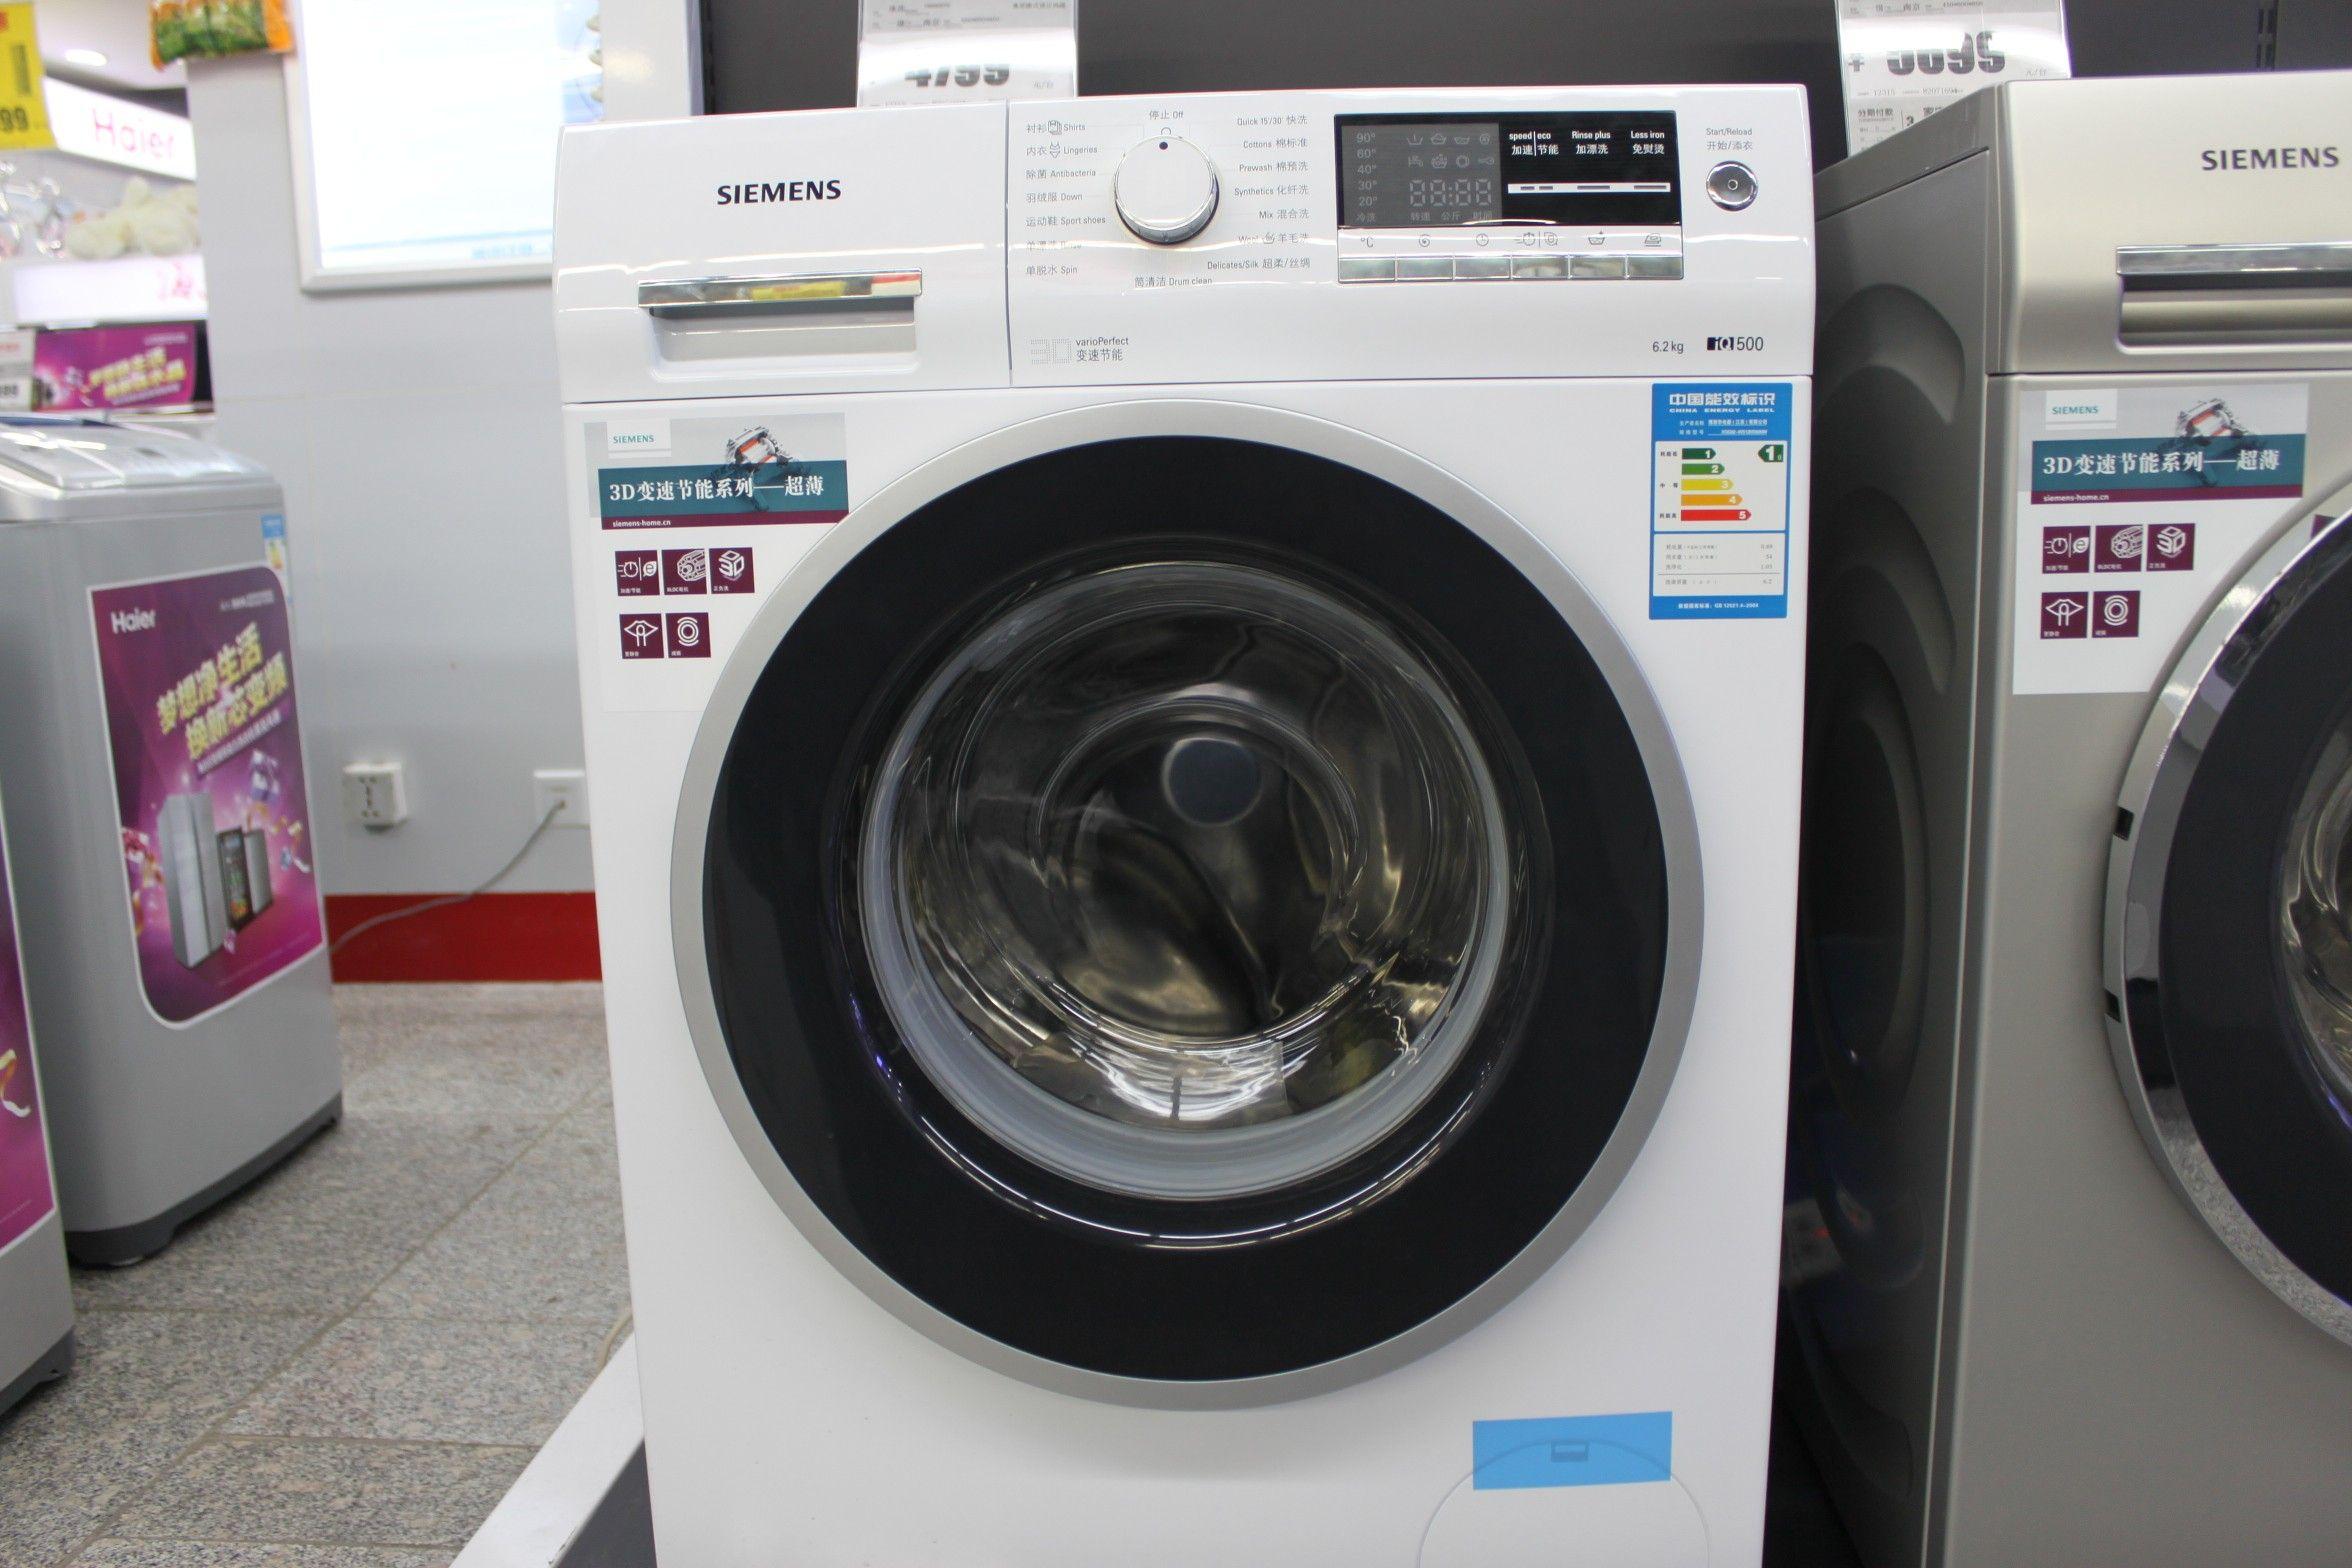 推薦機型 西門子xqg62 ws12m3600w洗衣機 圖片